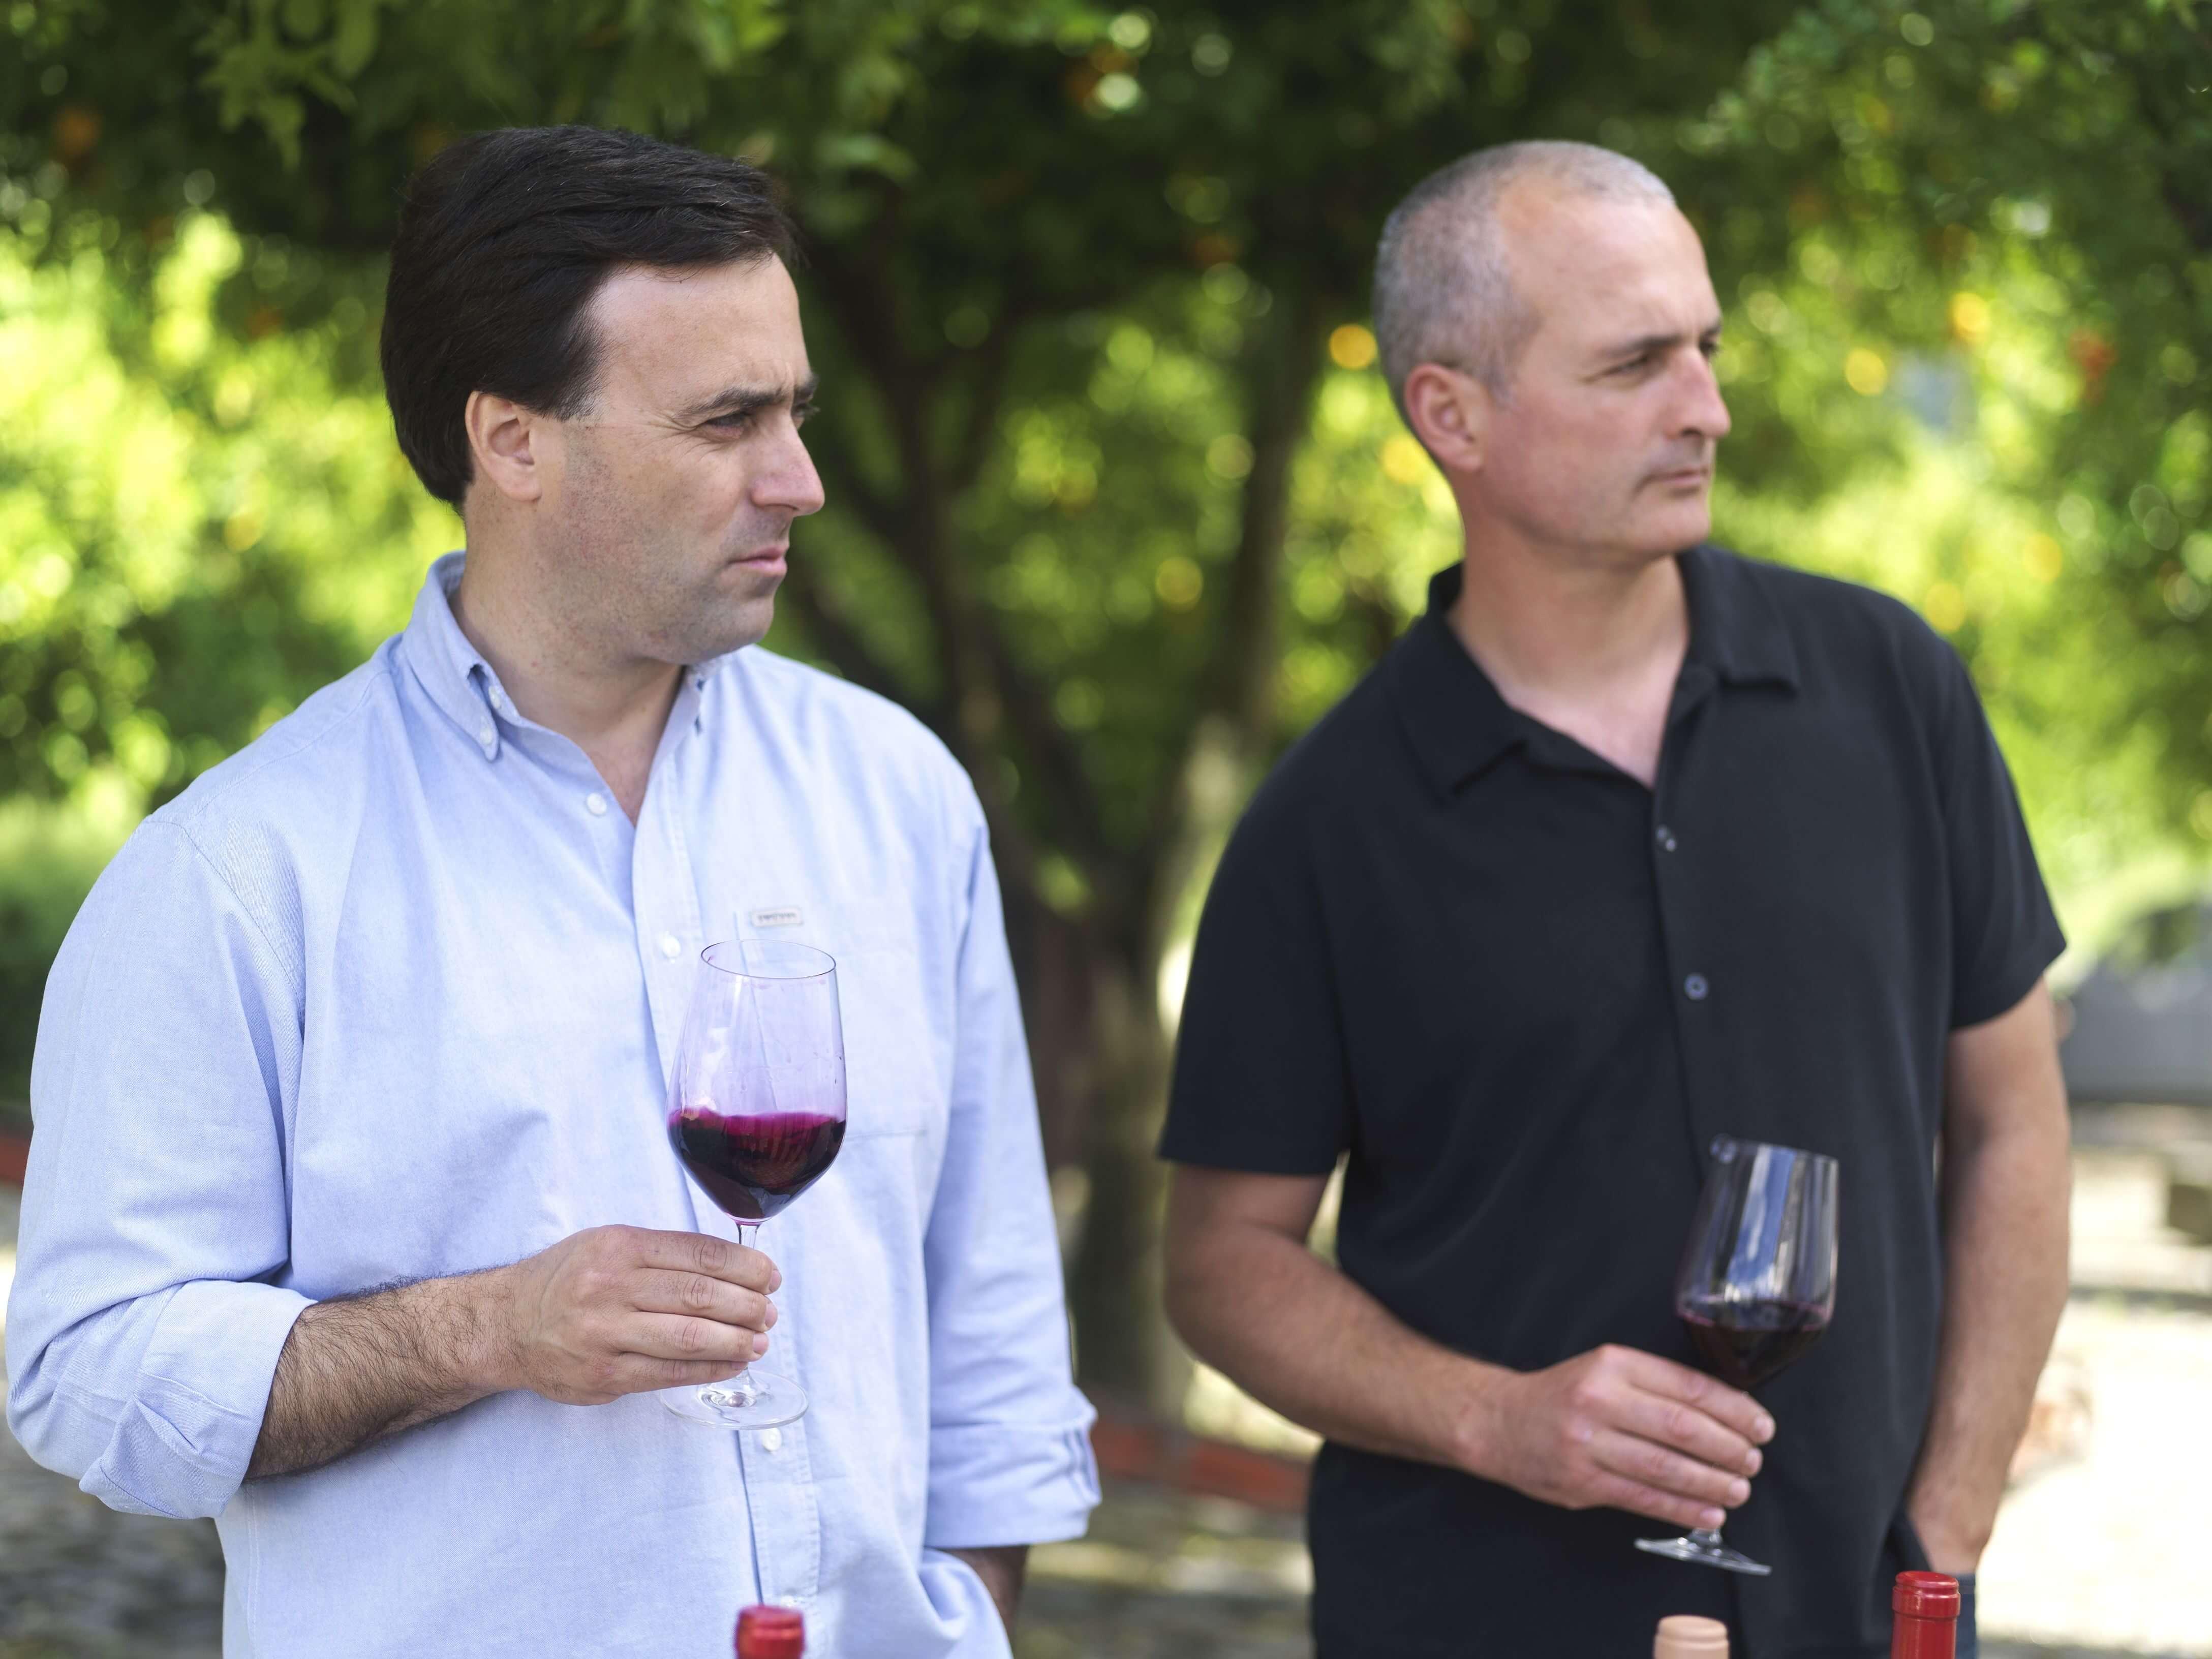 Zwei Winemaker aus dem Douro-Tal - Rui Stares und Fernando Coelho